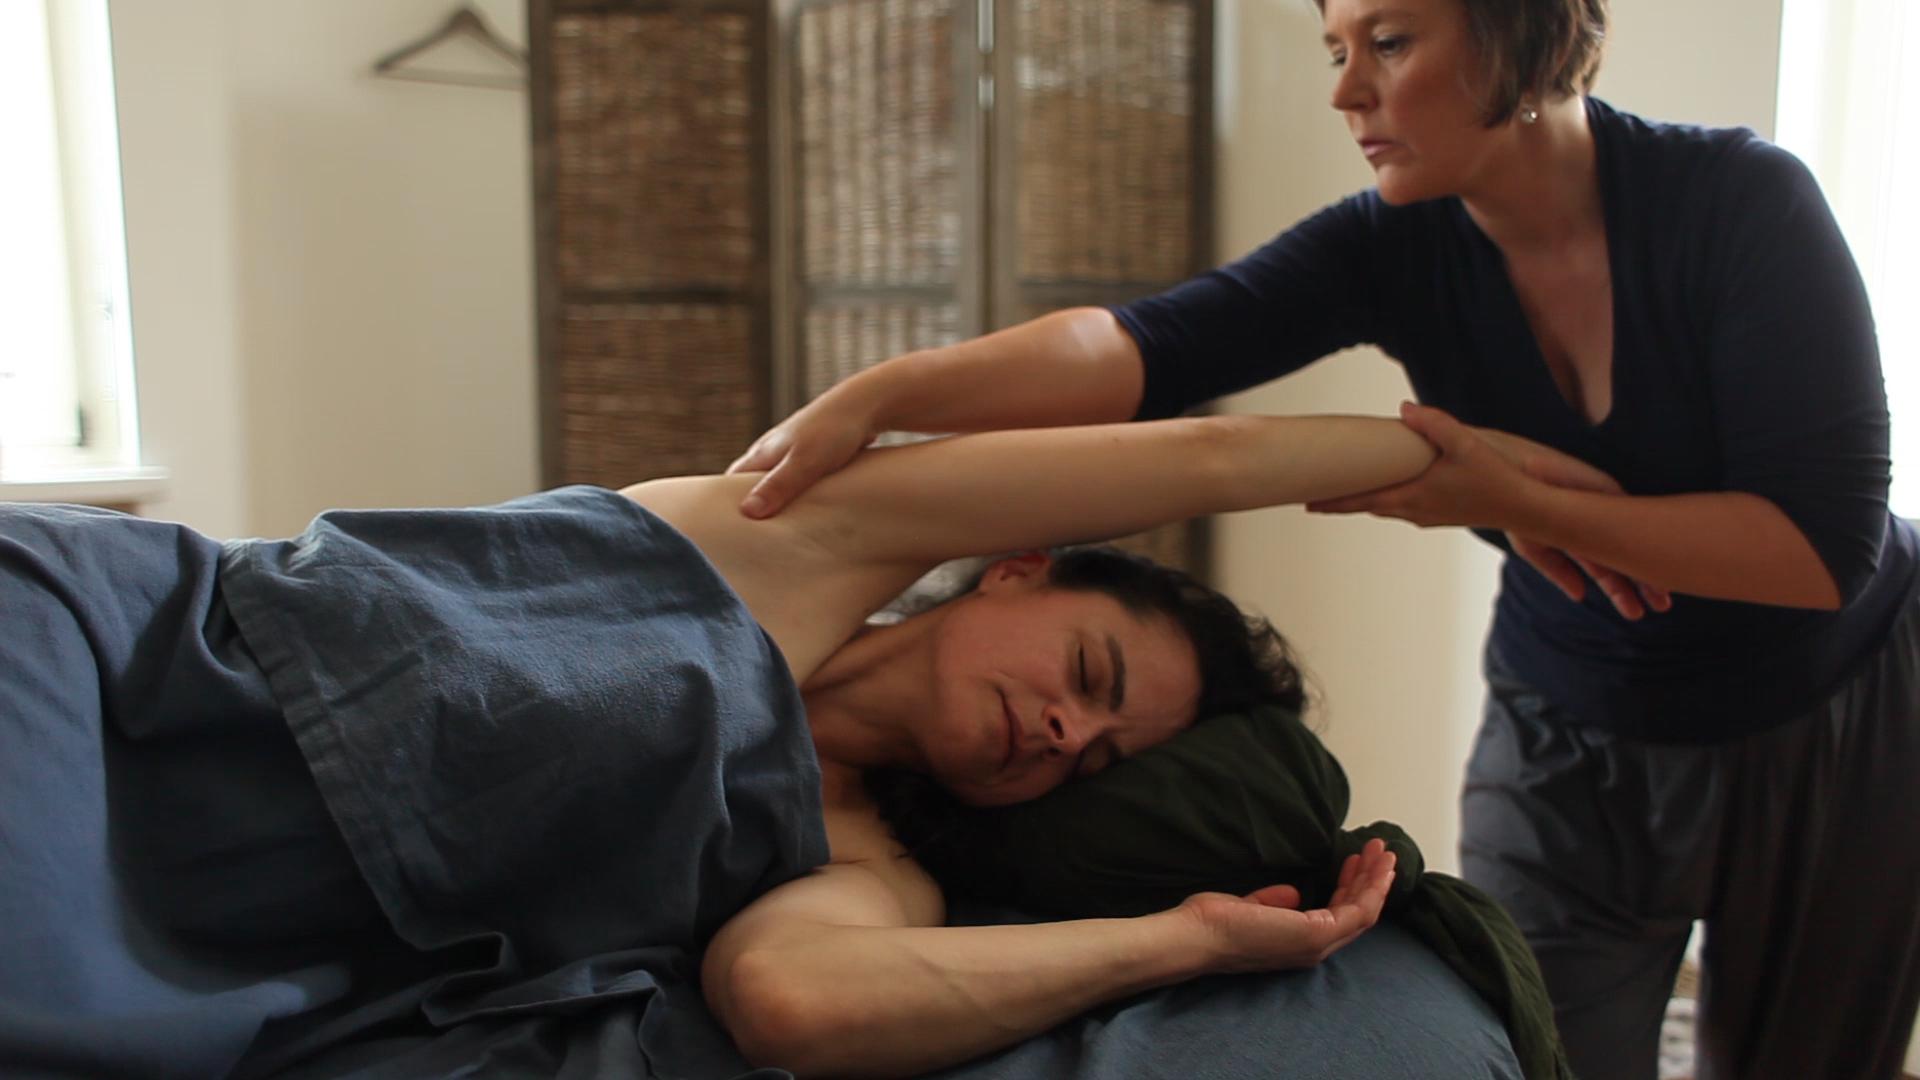 Brigitte Wettstein Esalen Massage.jpg